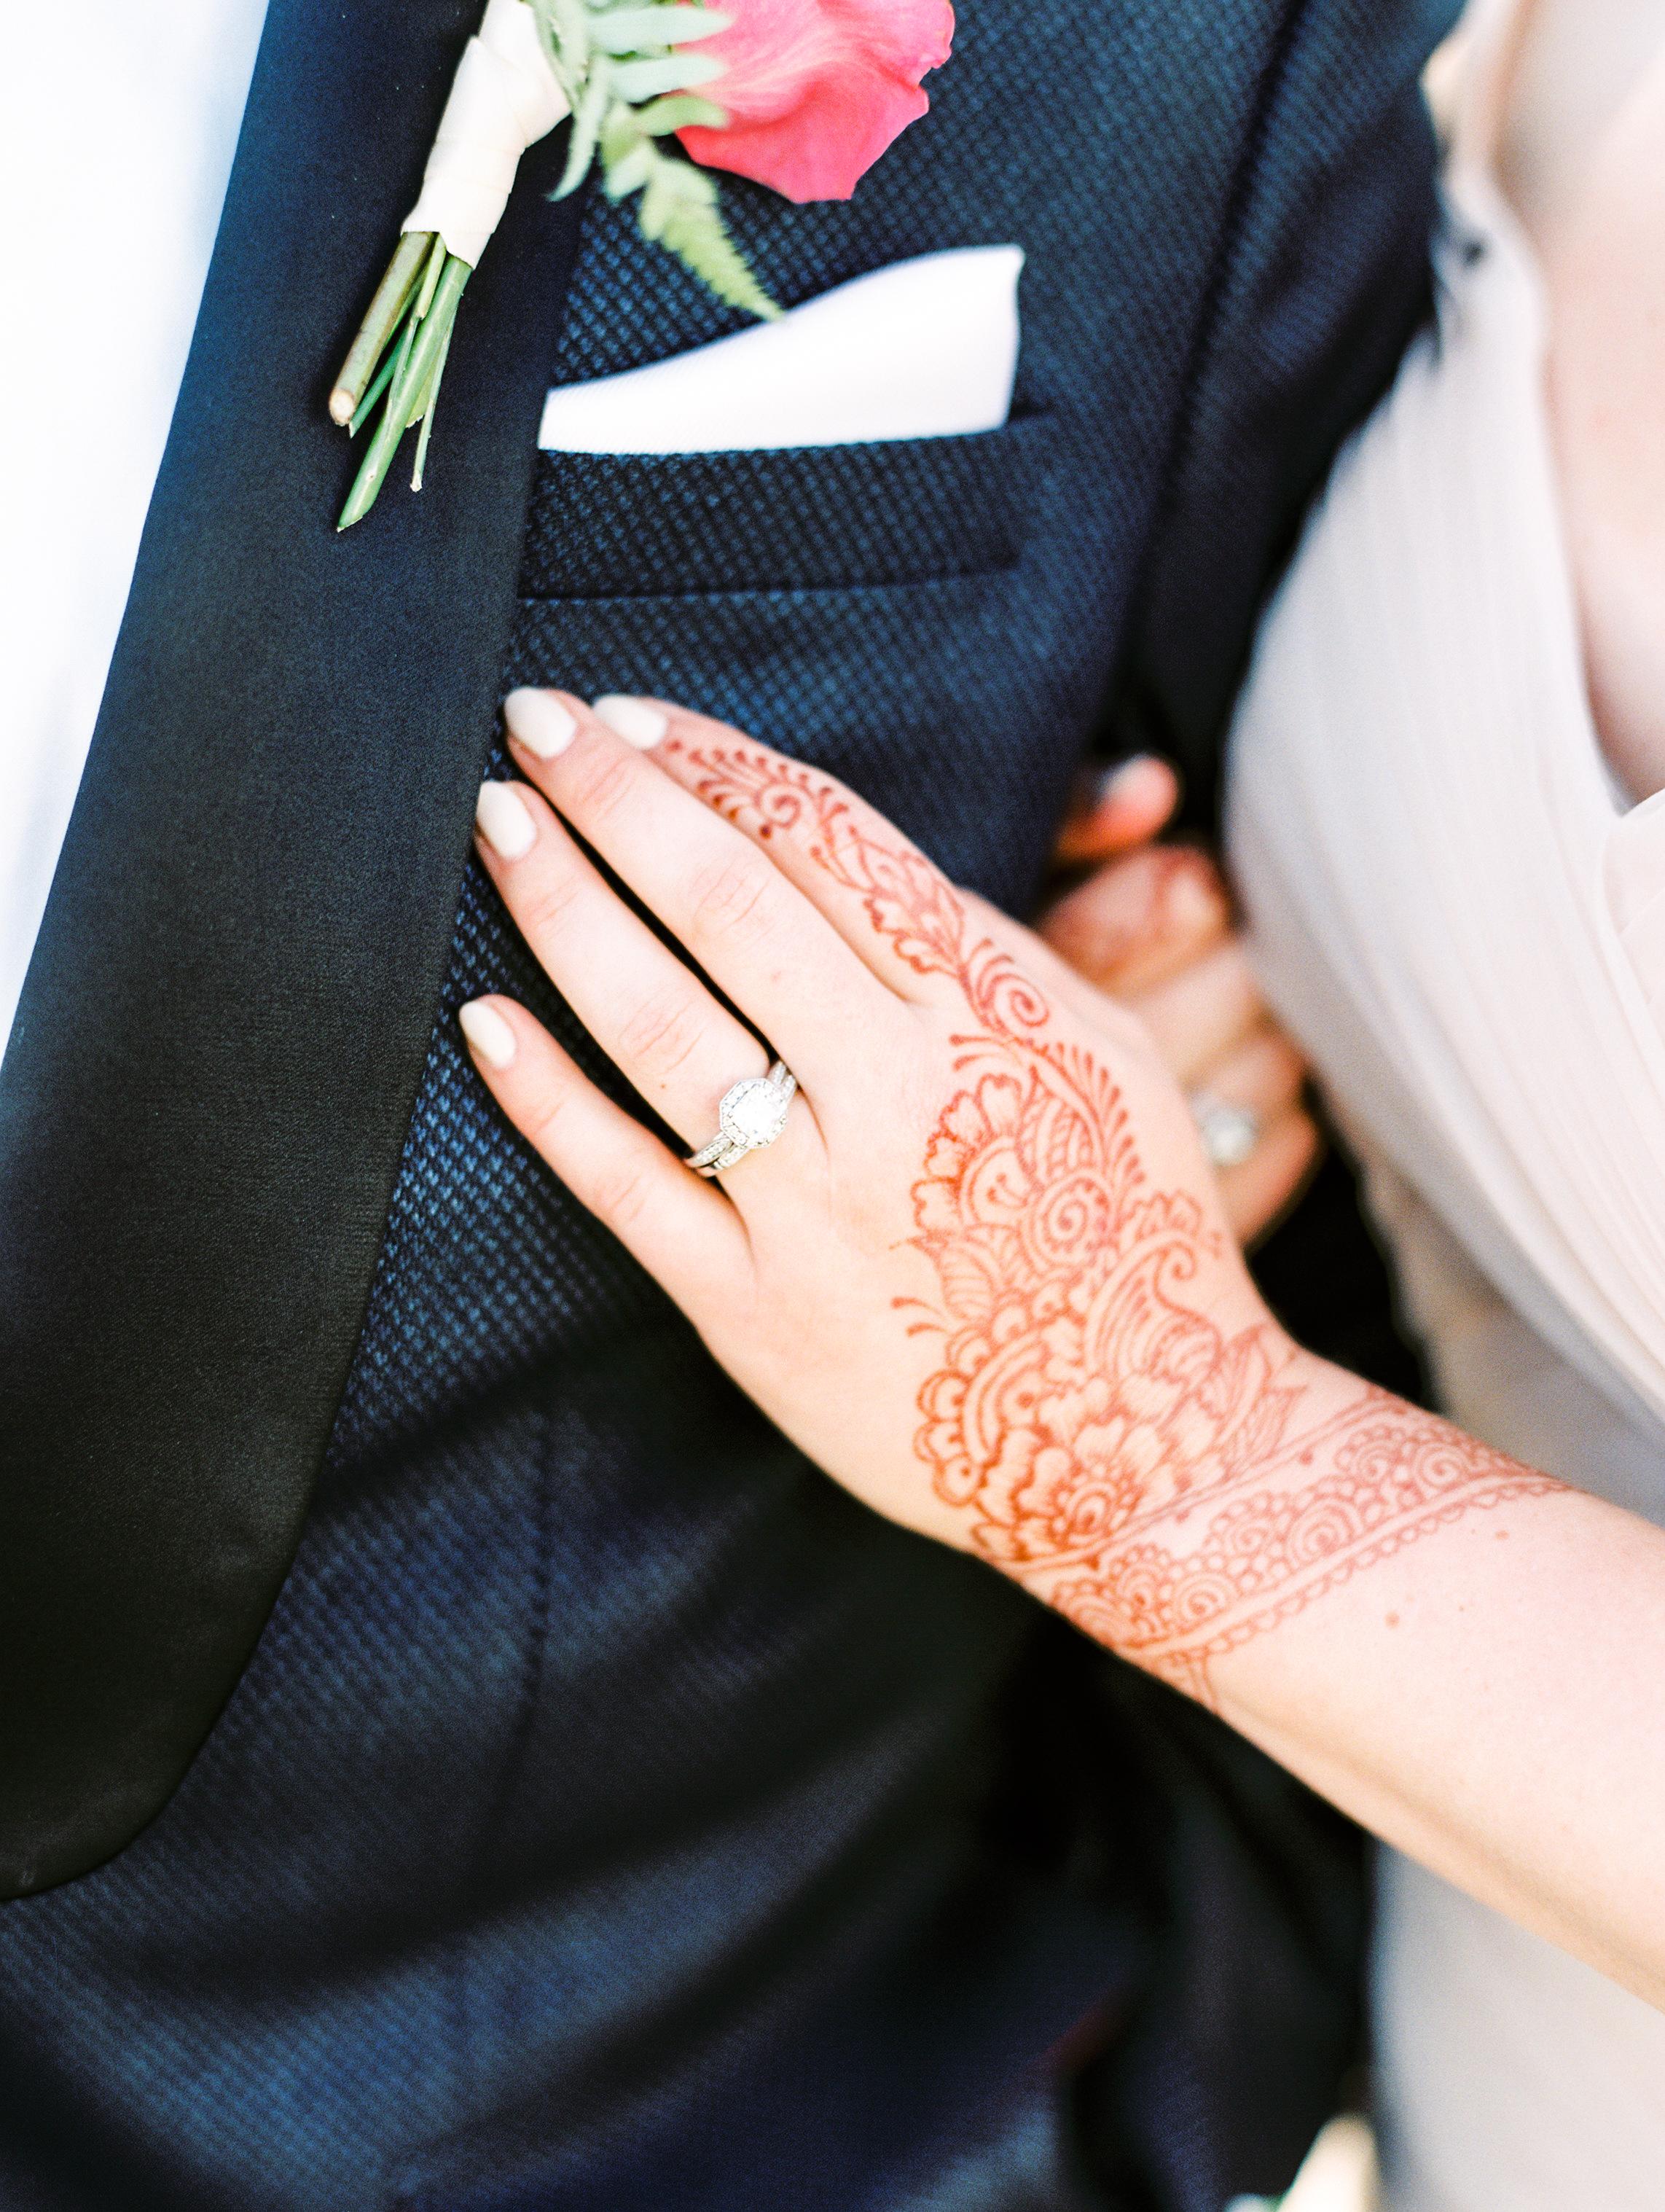 Govathoti+Wedding+Bridal+Partyb-20.jpg